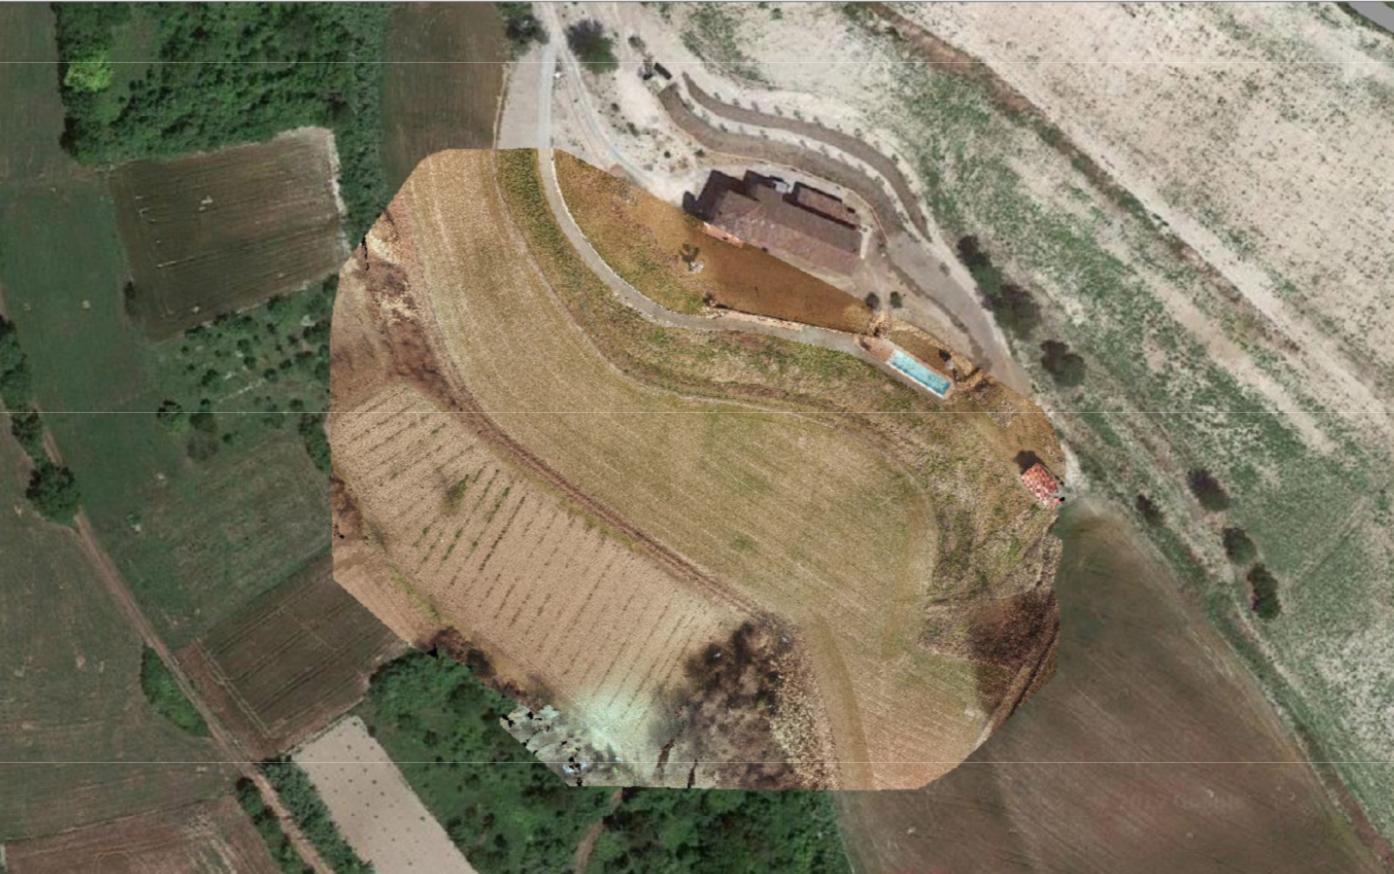 Sistemazione di cortile pertinenziale, Mombello Monferrato (AL)